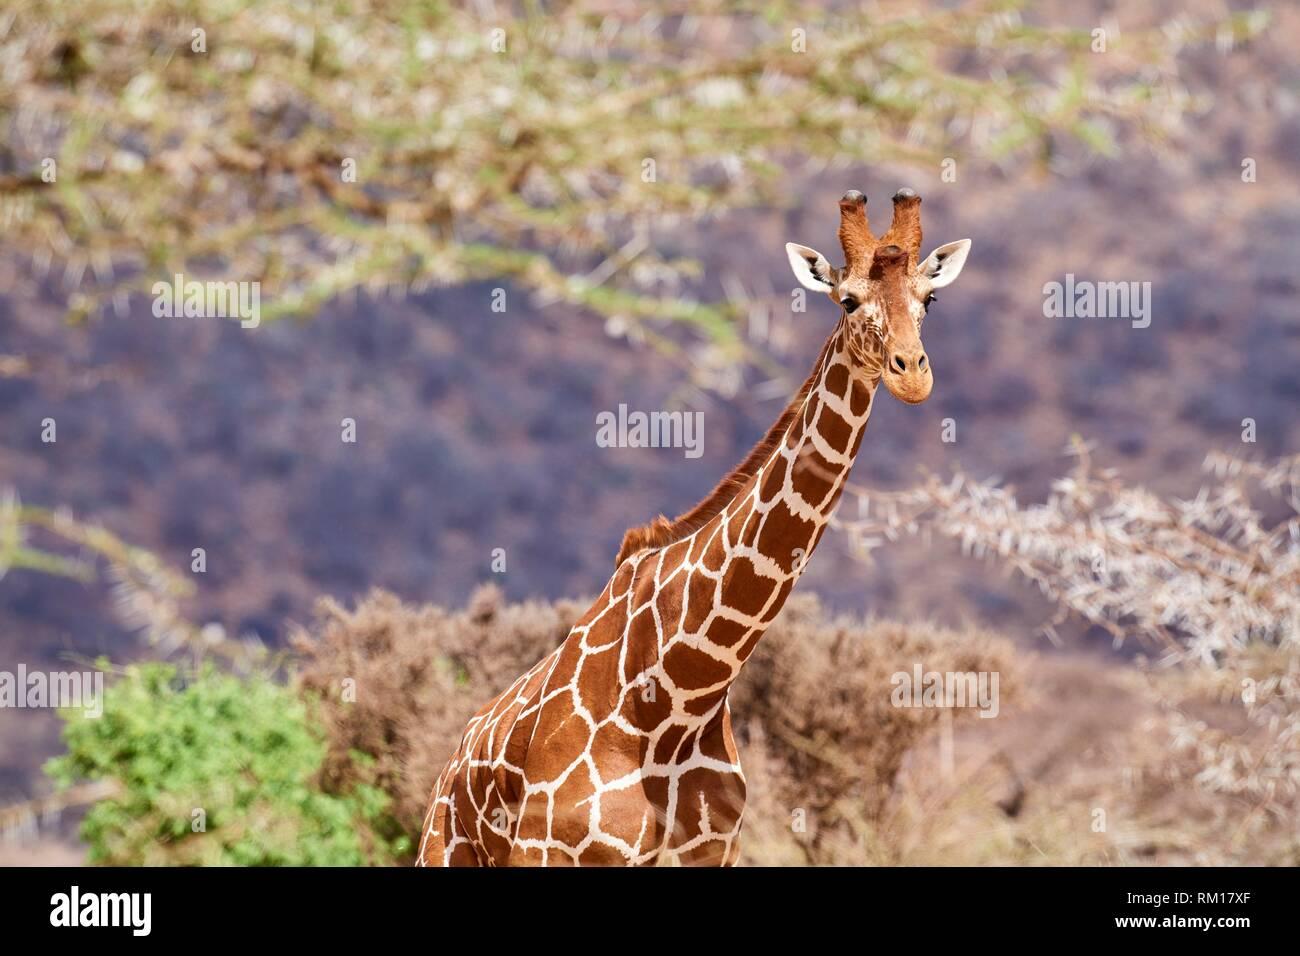 Giraffe réticulée (Giraffa camelopardalis reticulata} la tête et du cou, la réserve nationale de Samburu, Kenya, Afrique. Banque D'Images